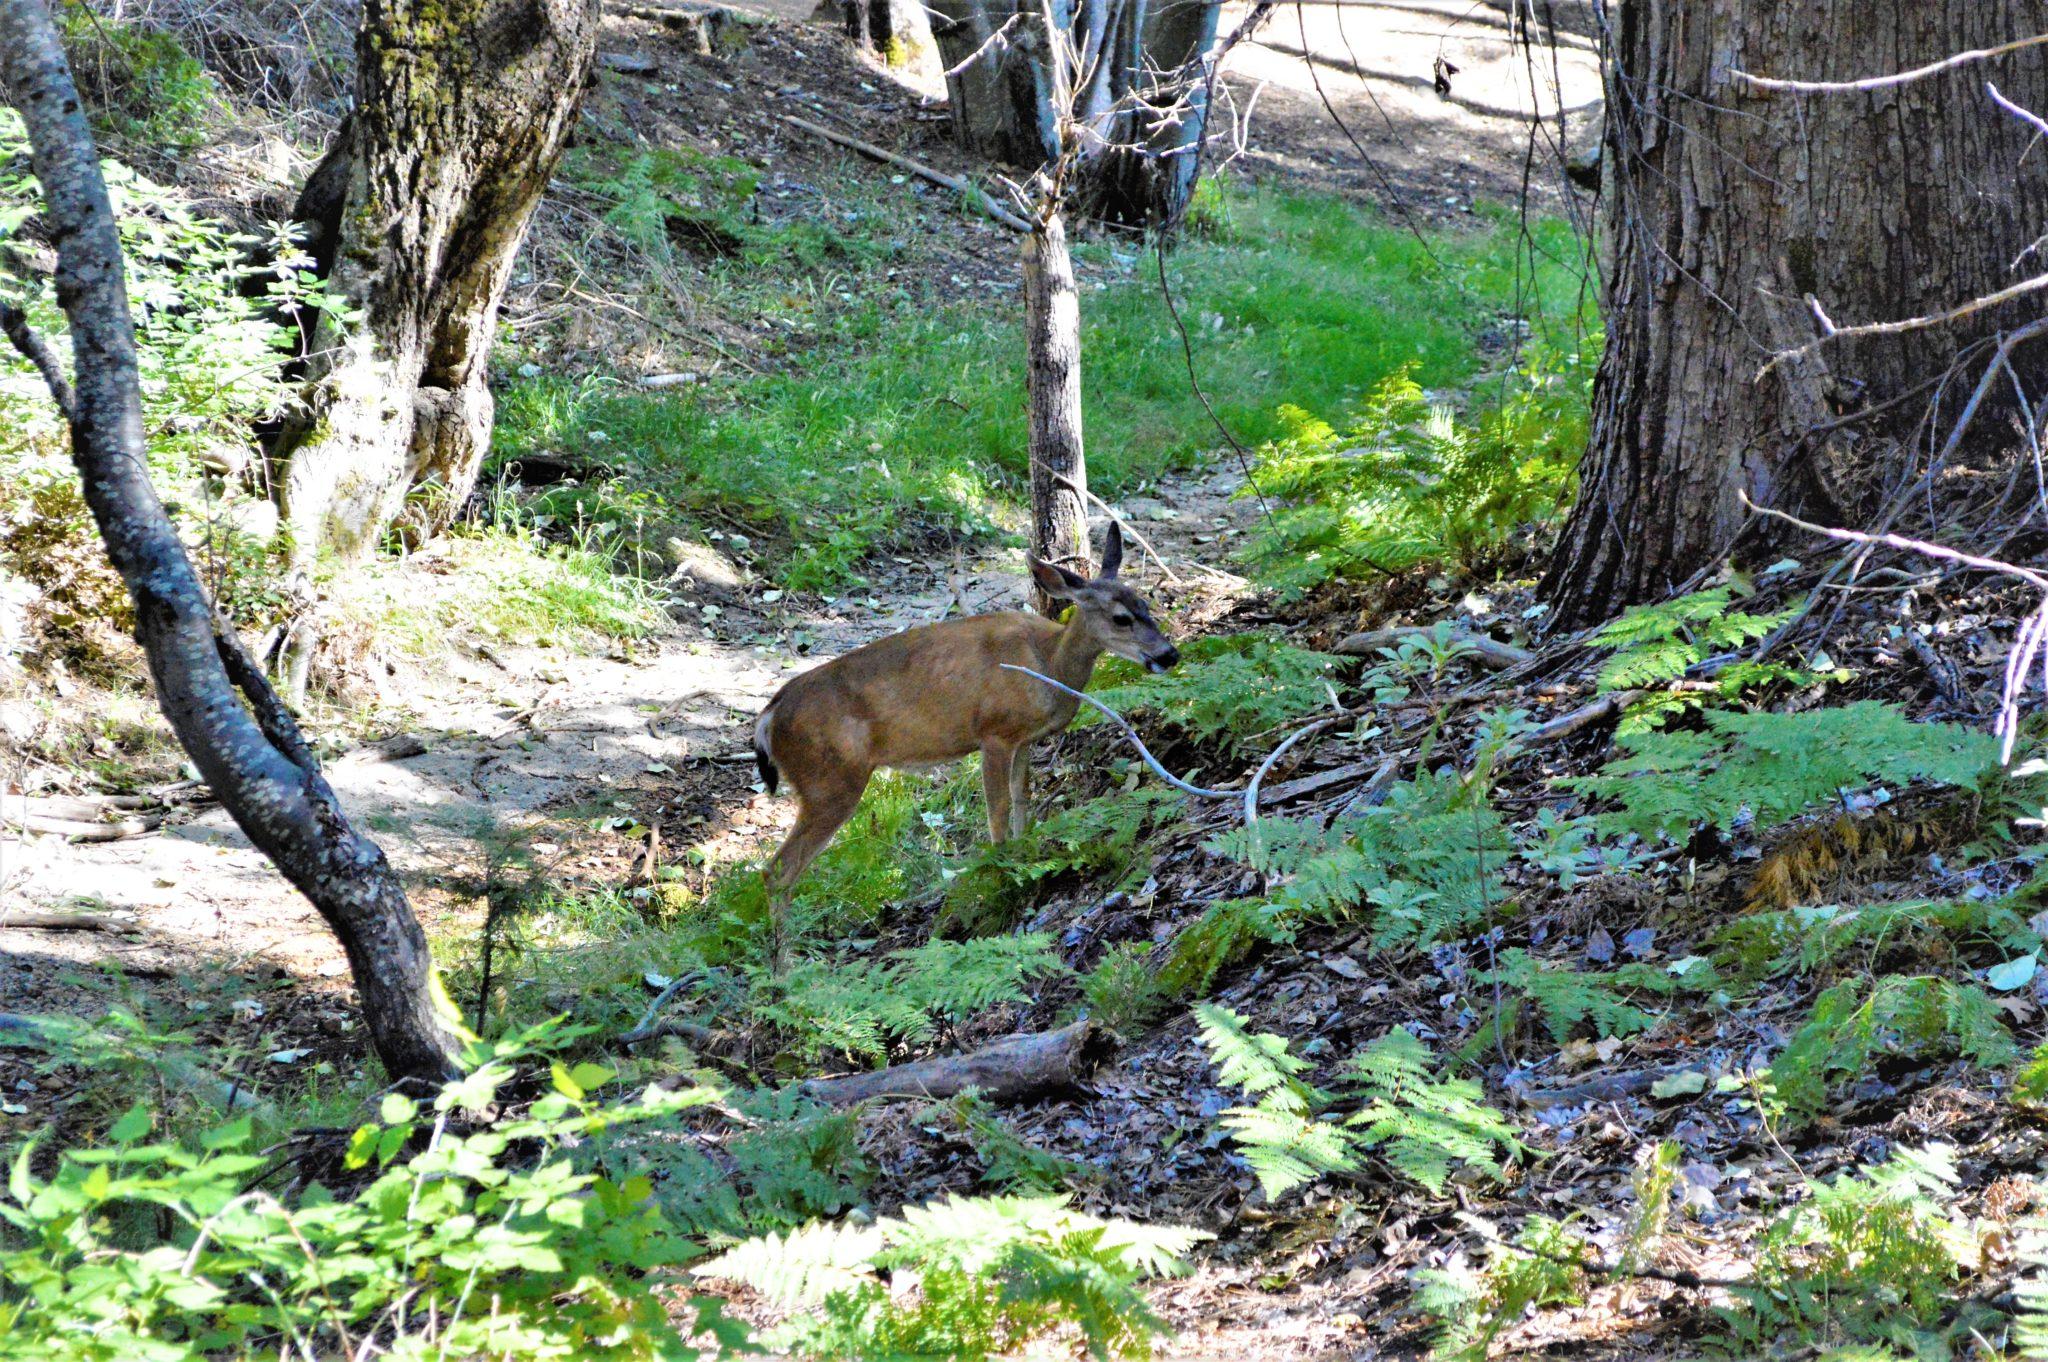 Dear at Yosemite, California, USA